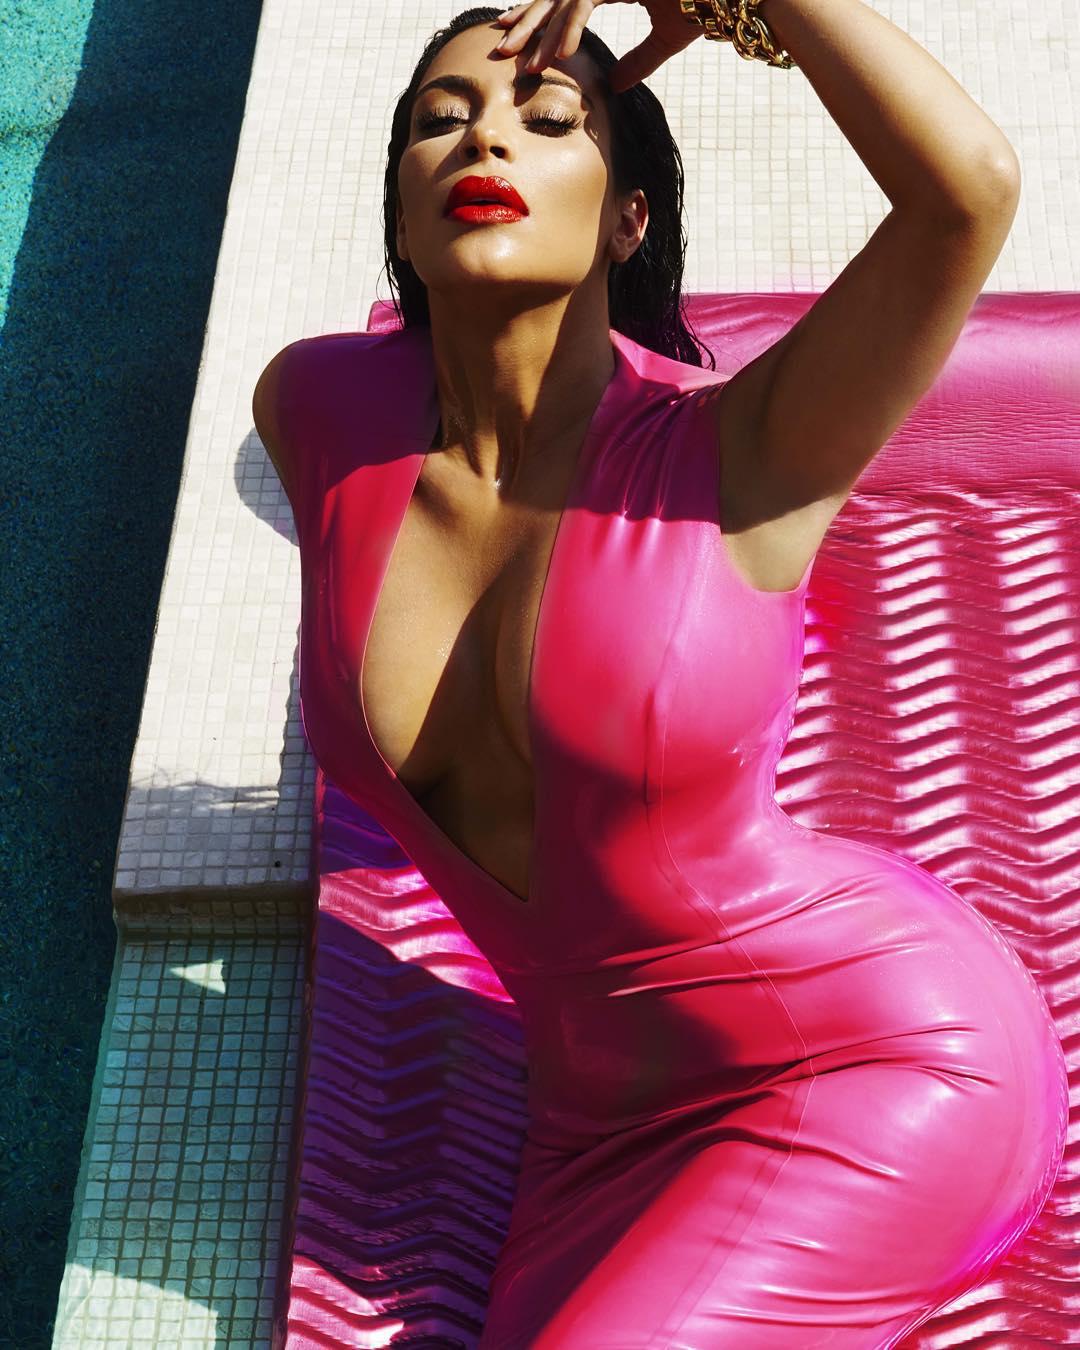 Başarılı top model Kim Kardashian sexy derin göğüs dekolteli pembe elbisesi ile havuzda çok cesur pozlar verdi. Foto galeriyi görüntülemek için tıklayın.